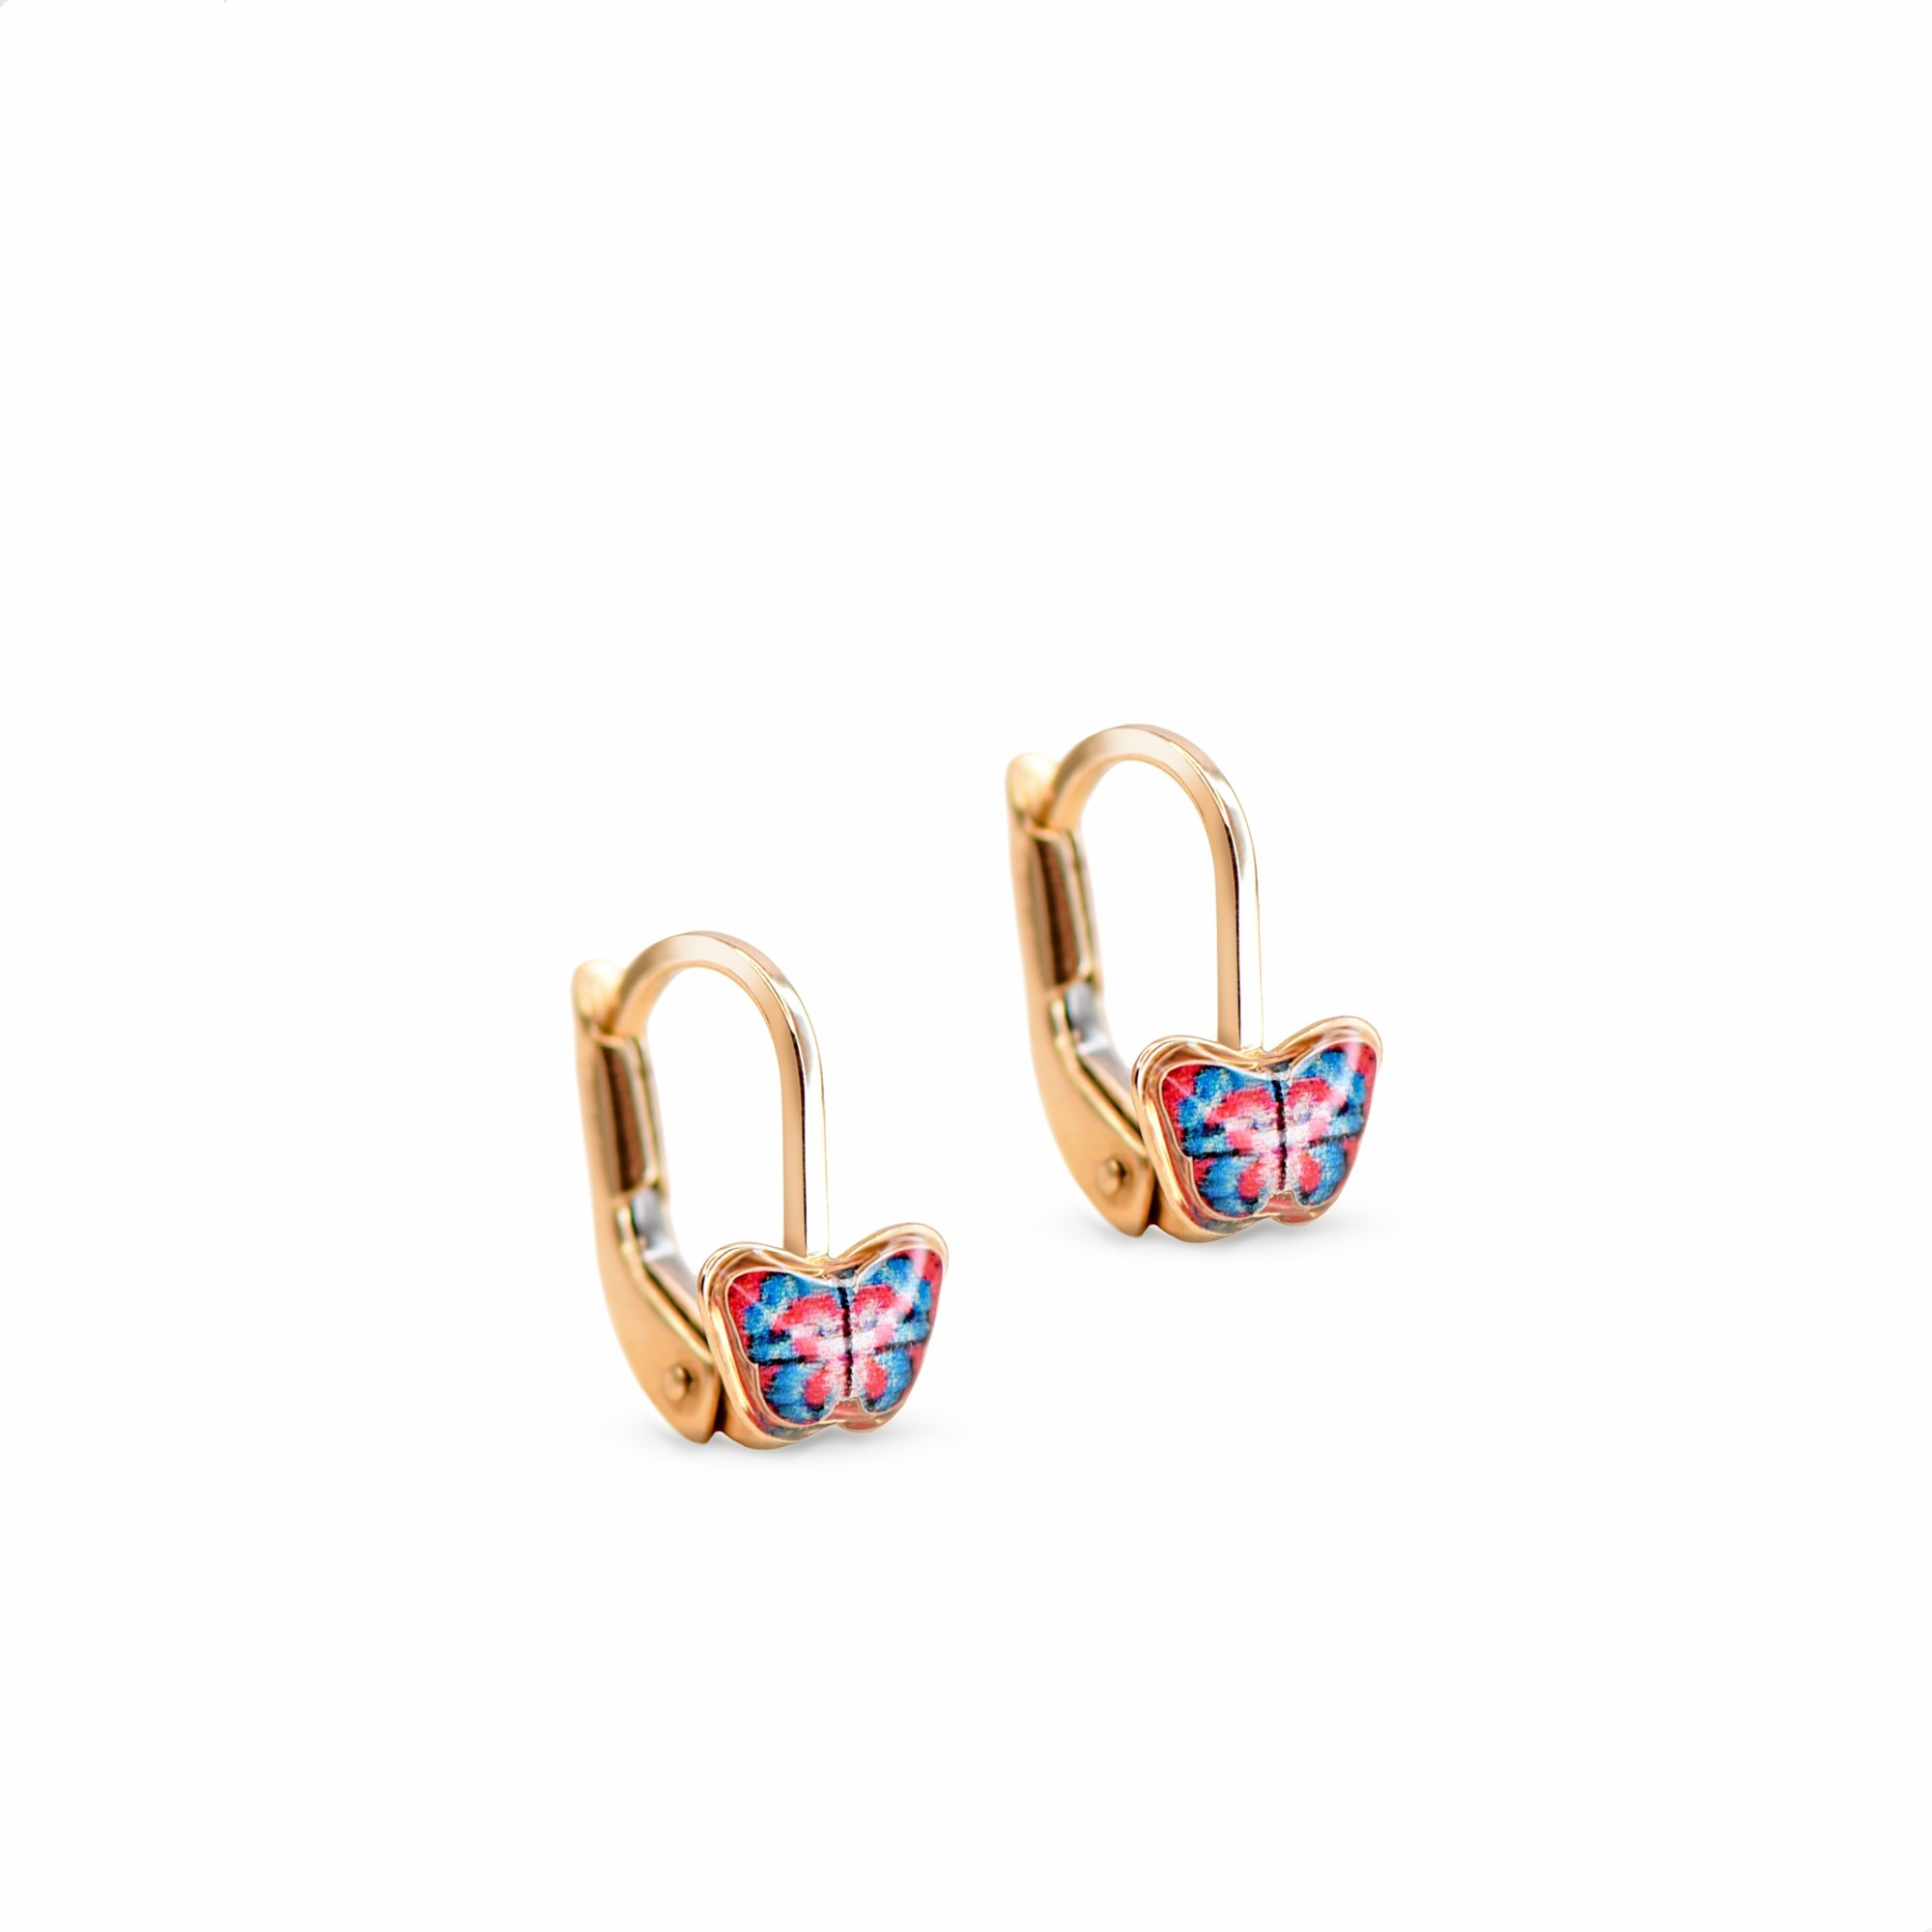 Kolczyki z żółtego złota motylki z różowo - niebieską emalią, zapięcie francuskie, próba 585